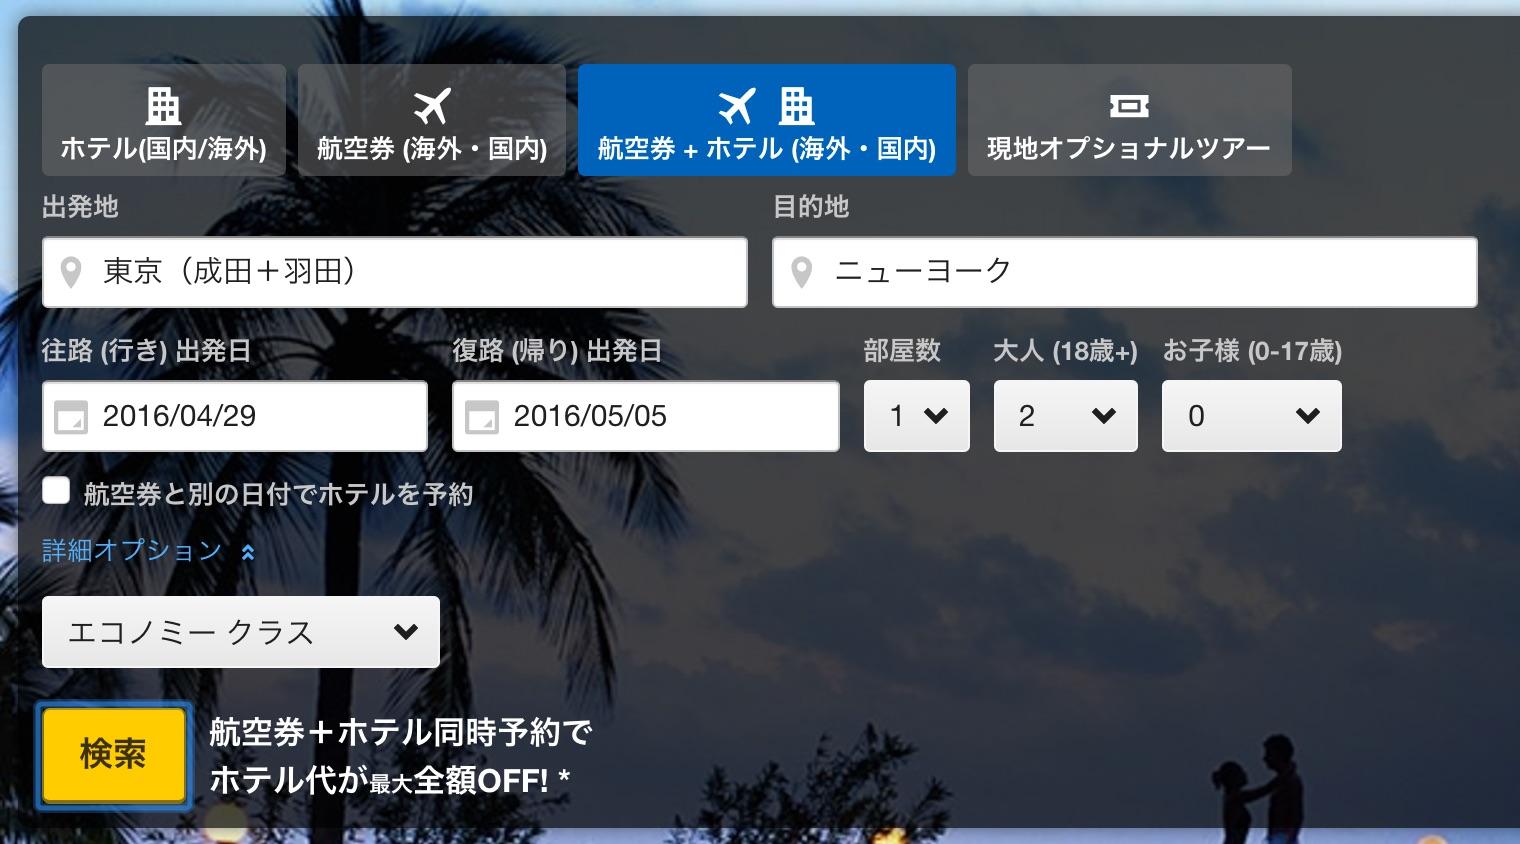 国内 海外ホテル予約 航空券 ツアー エクスペディア Expedia